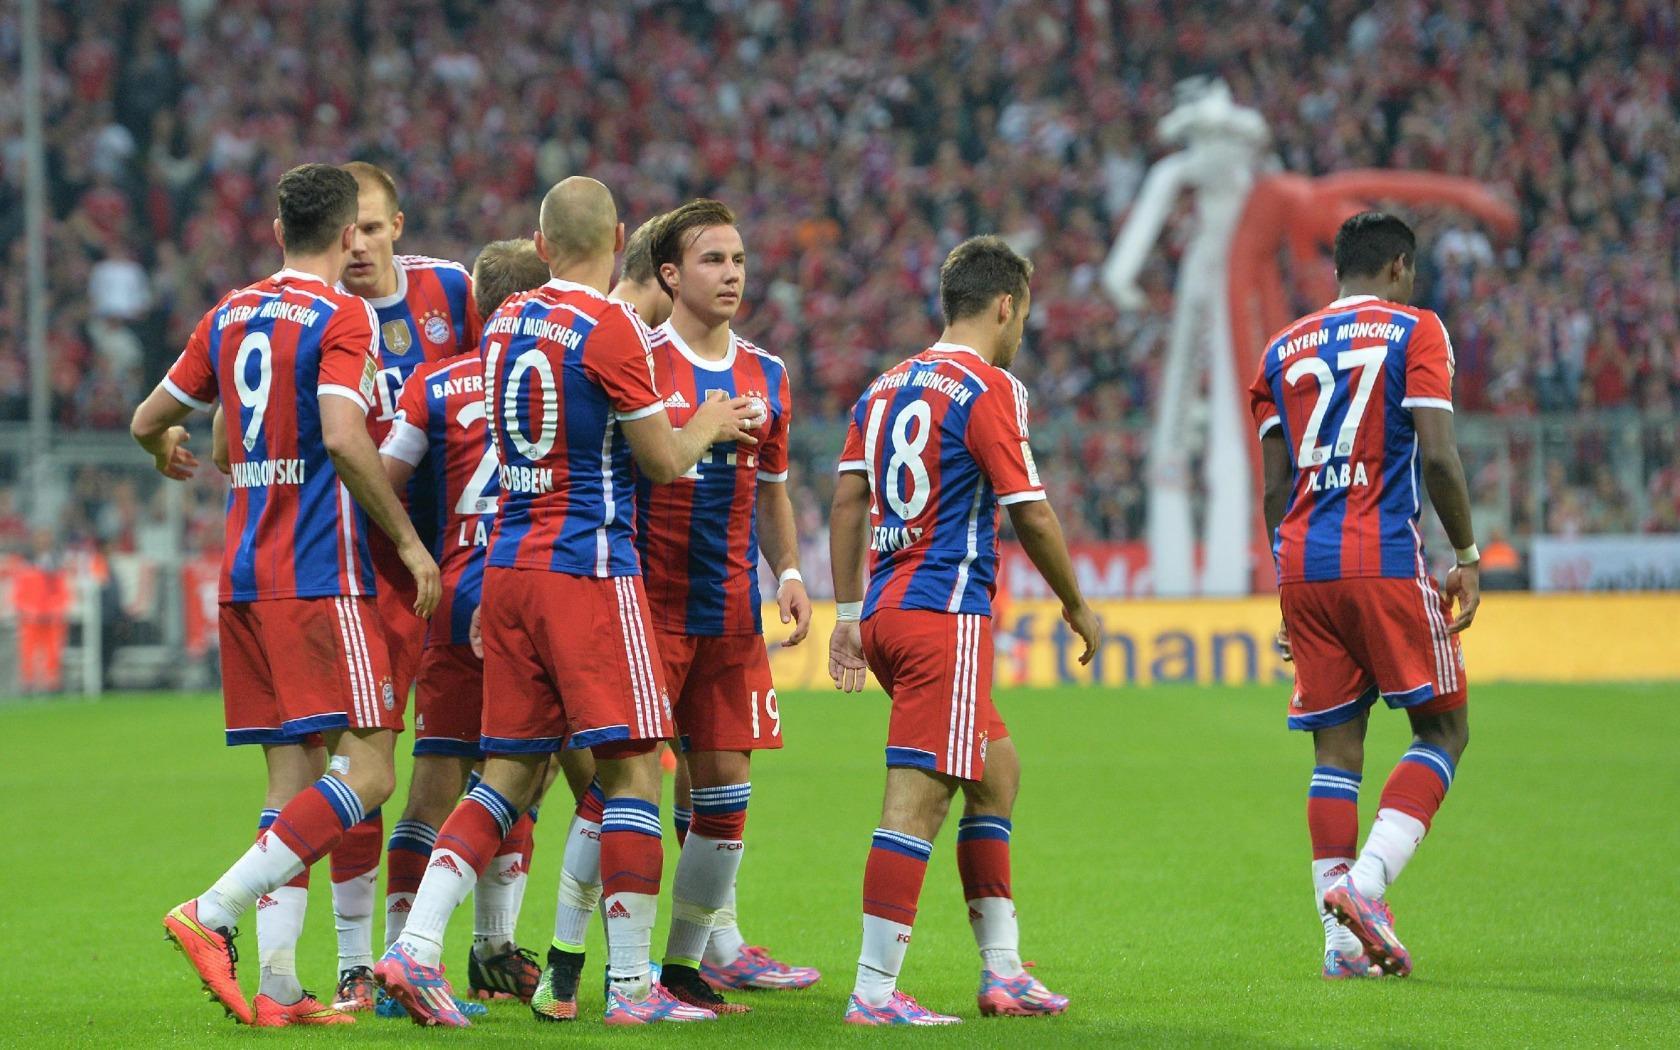 拜仁慕尼黑足球比赛图片高清壁纸